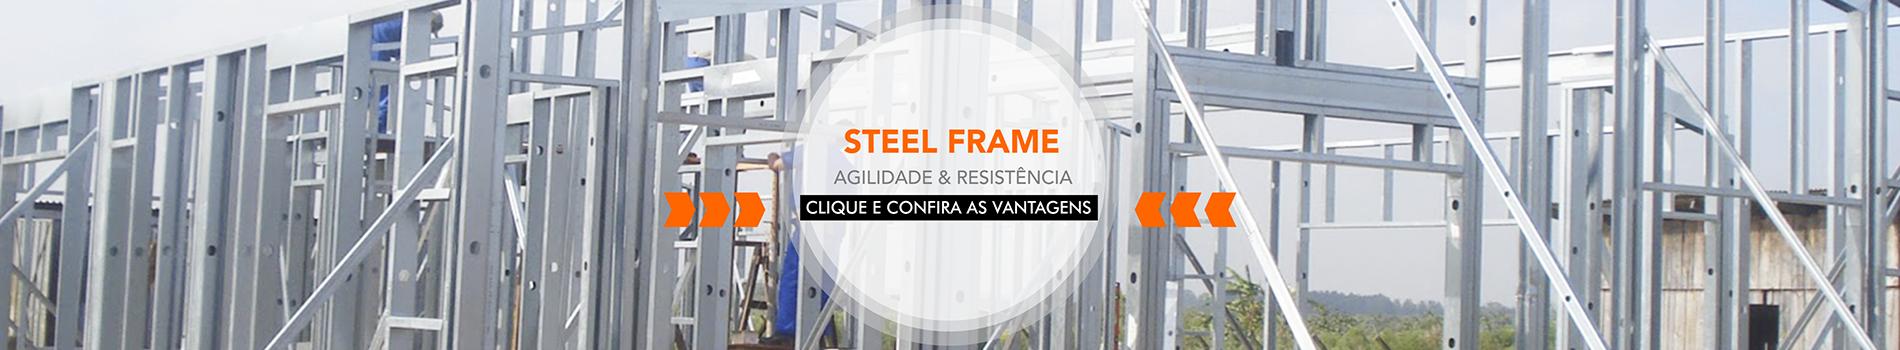 Aqui na Artesana você encontra: Steel Frame